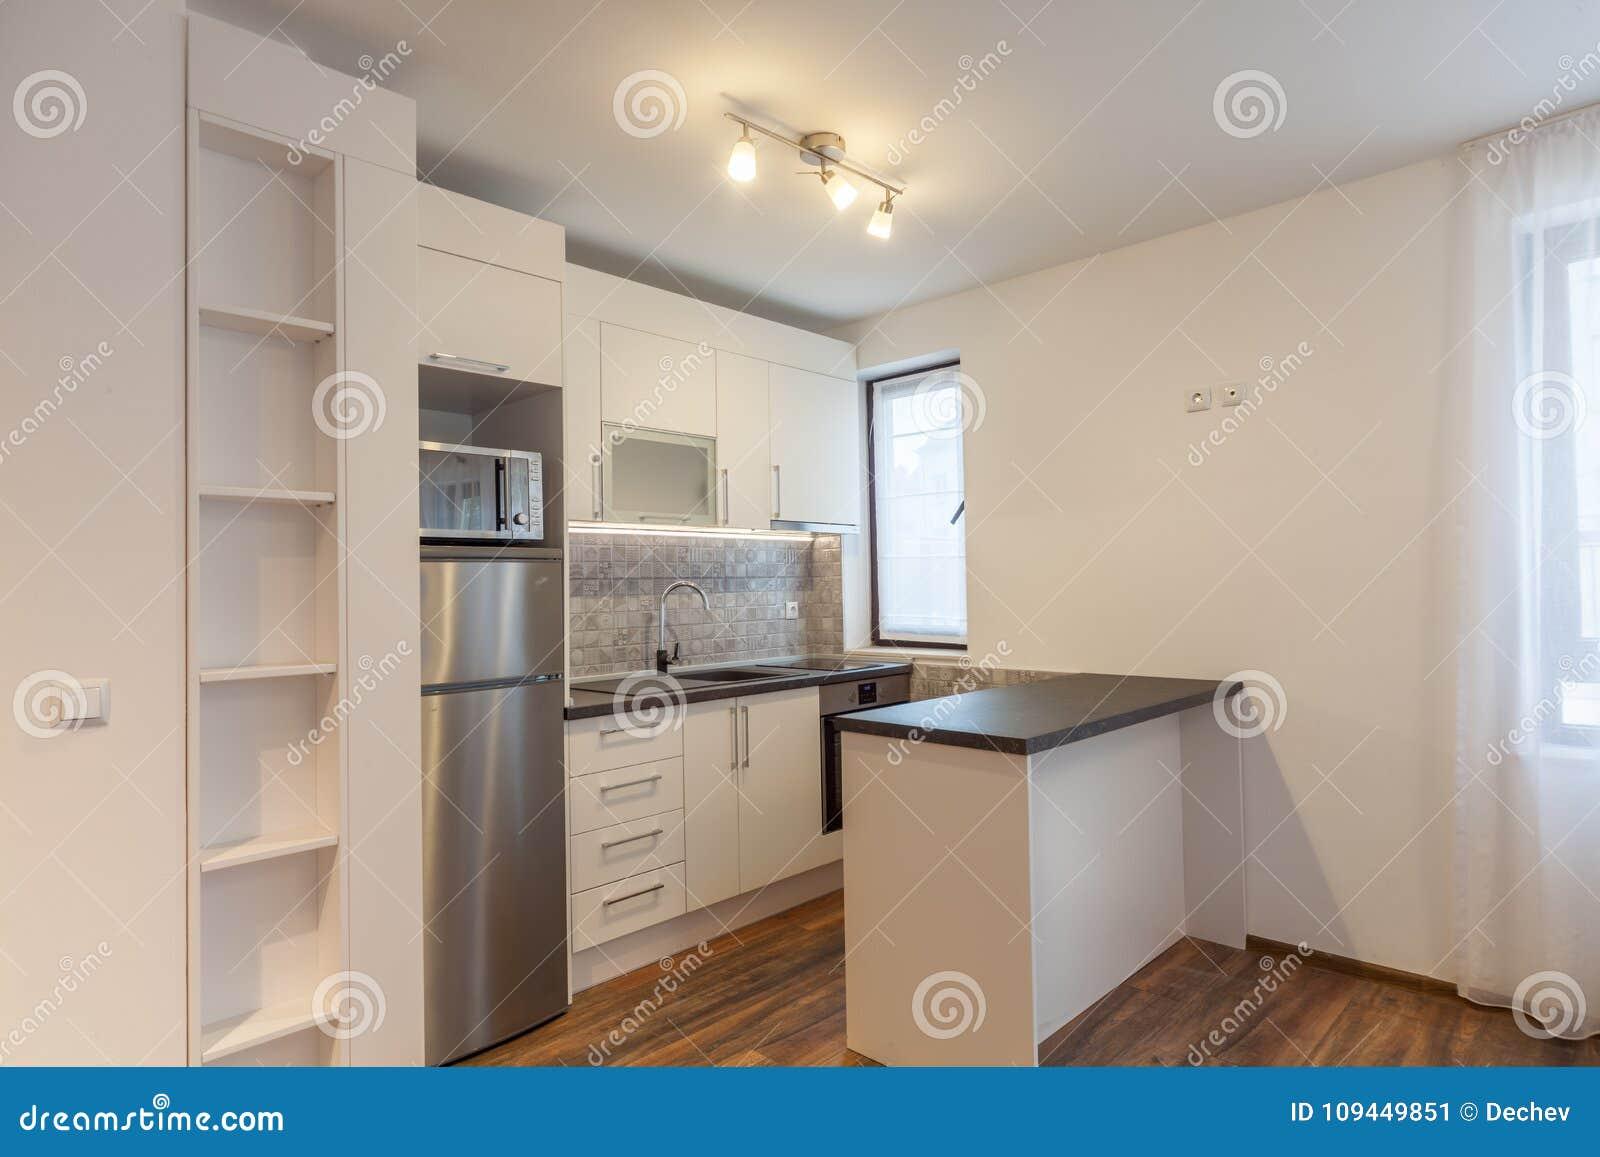 Fußboden Im Haus ~ Neue moderne küche neues haus innenphotographie hölzerner fußboden